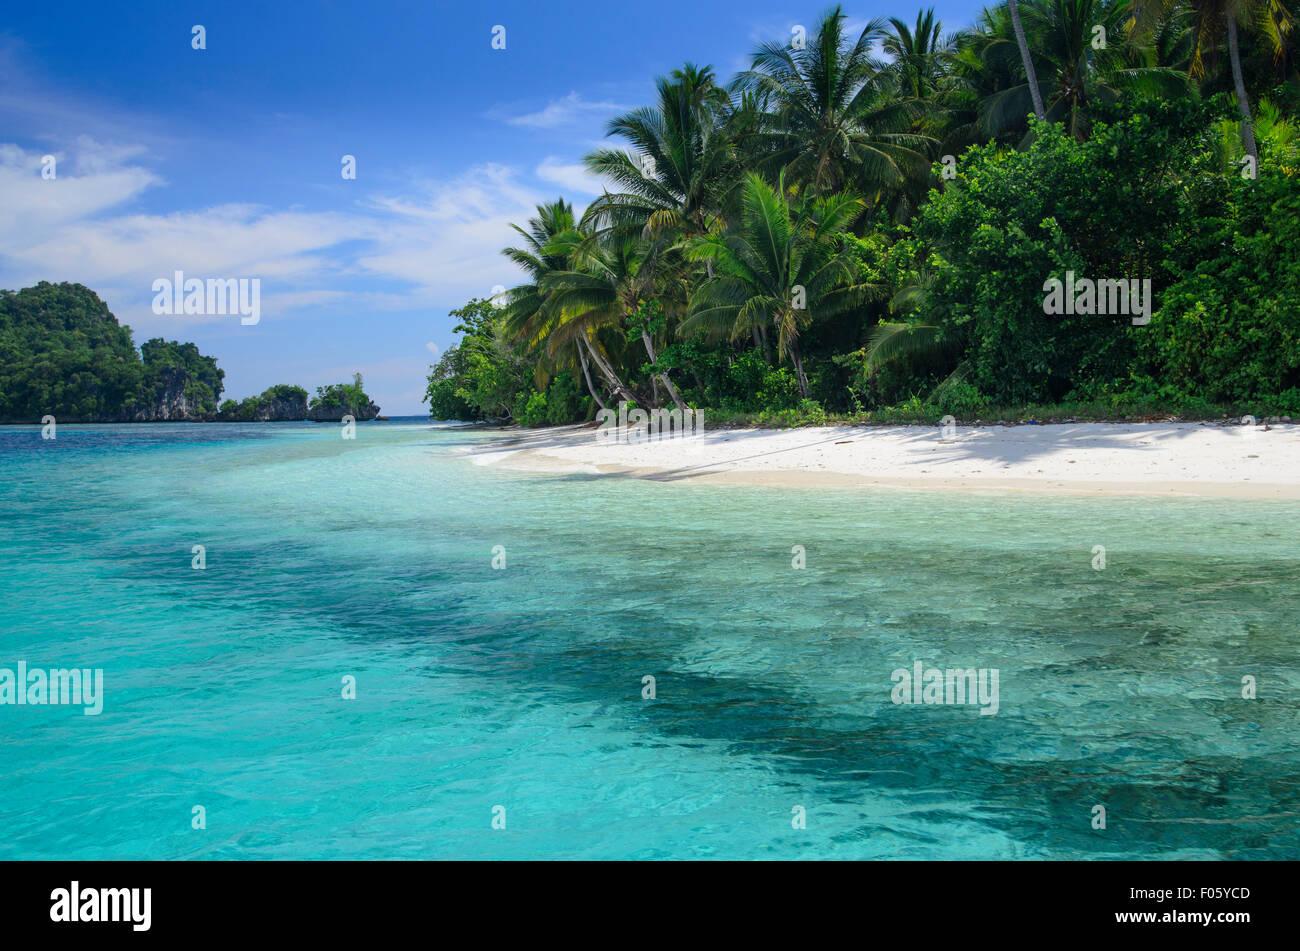 Playa de arena blanca en una isla tropical, rodeada por arrecifes de coral, Raja Ampat, Indonesia, Océano Pacífico Foto de stock